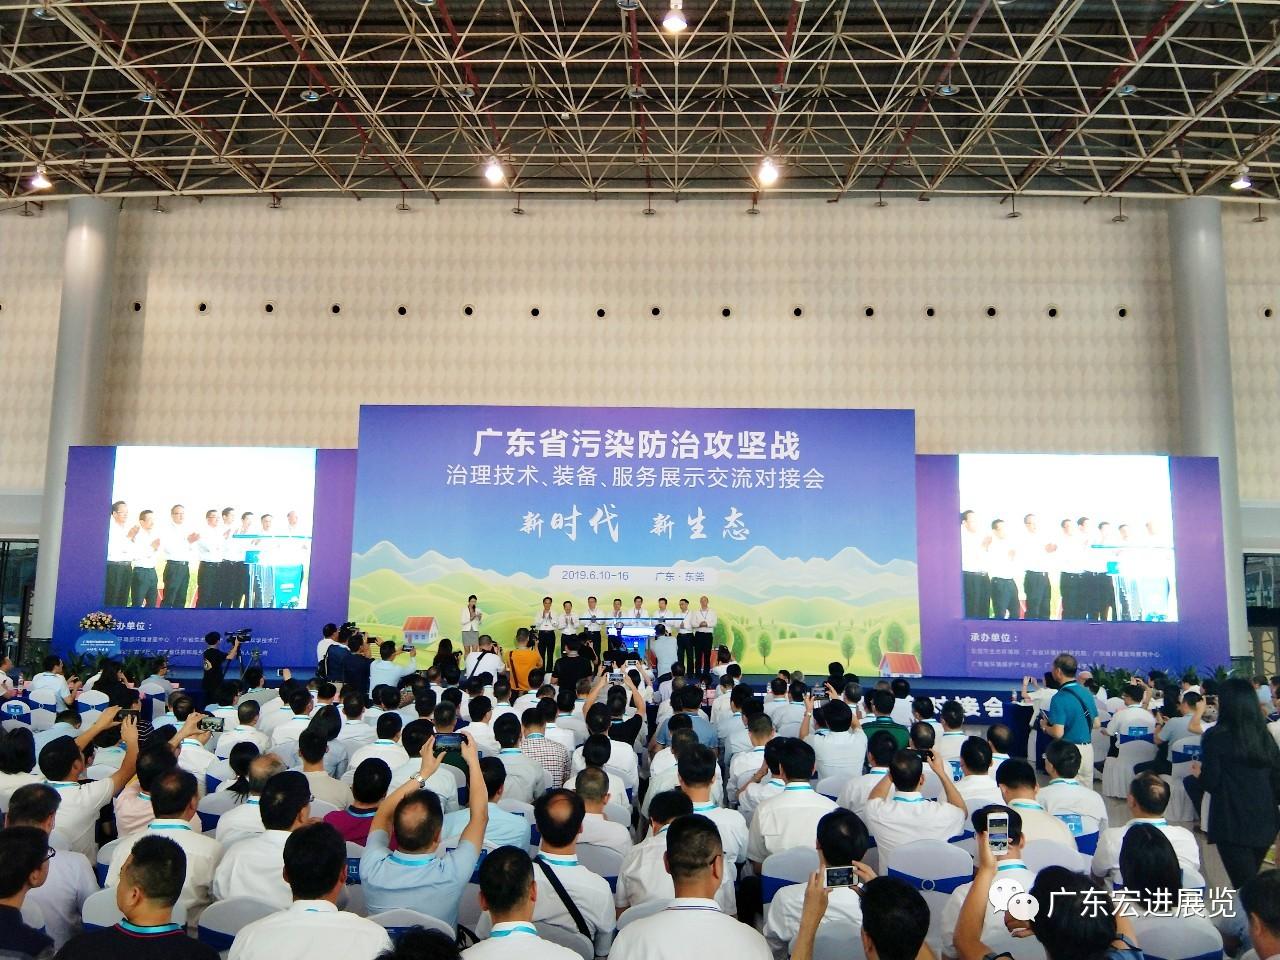 广东省污染防治攻坚战治理技术、装备、服务展示交流对接会开幕